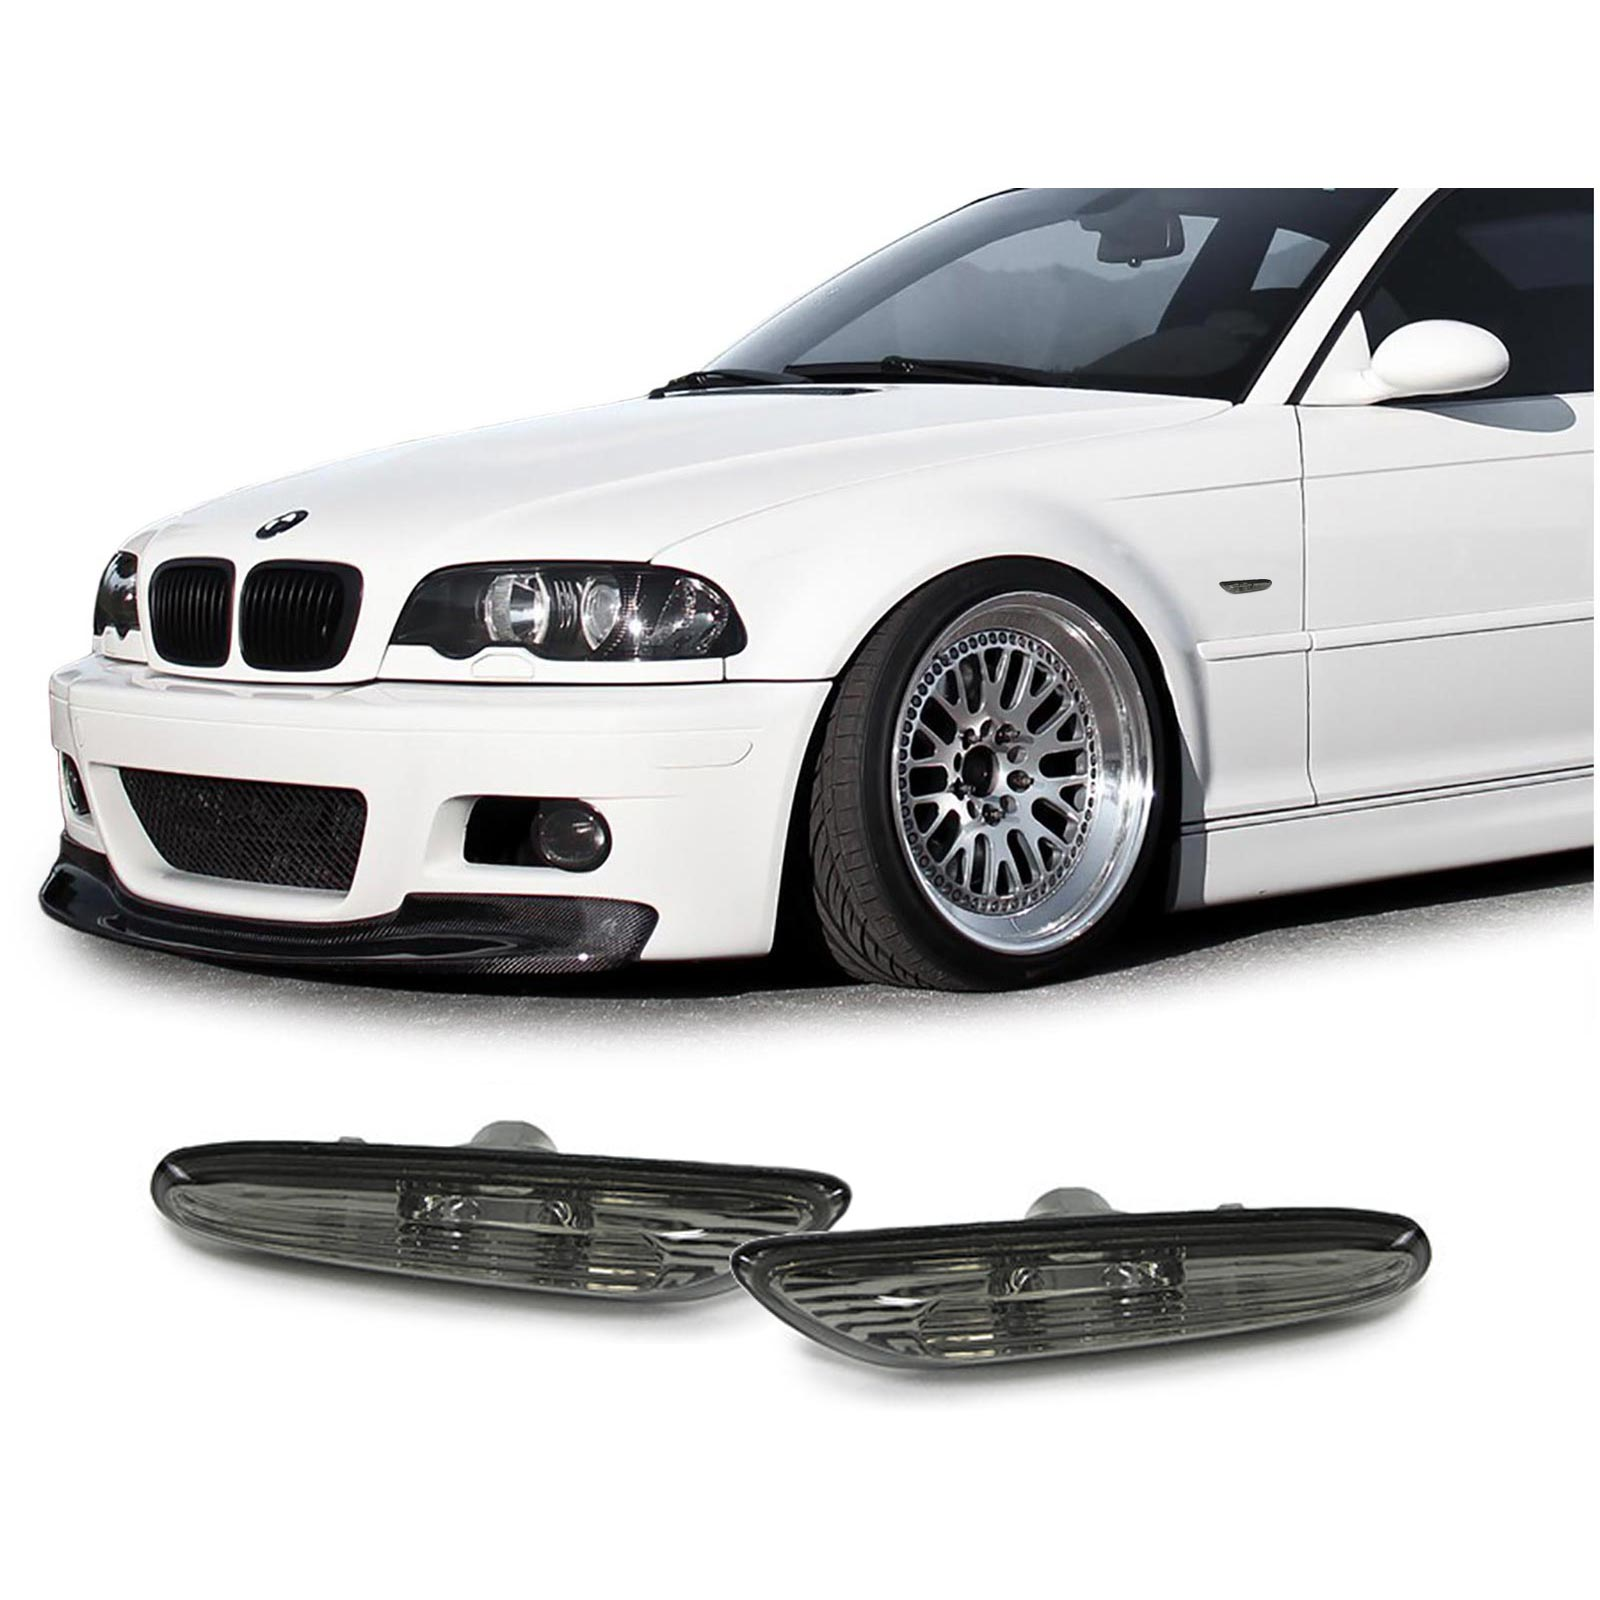 Piscas Laterais fumado BMW  E46 00-01  E60 E61 03-10 X3 E83 04-10